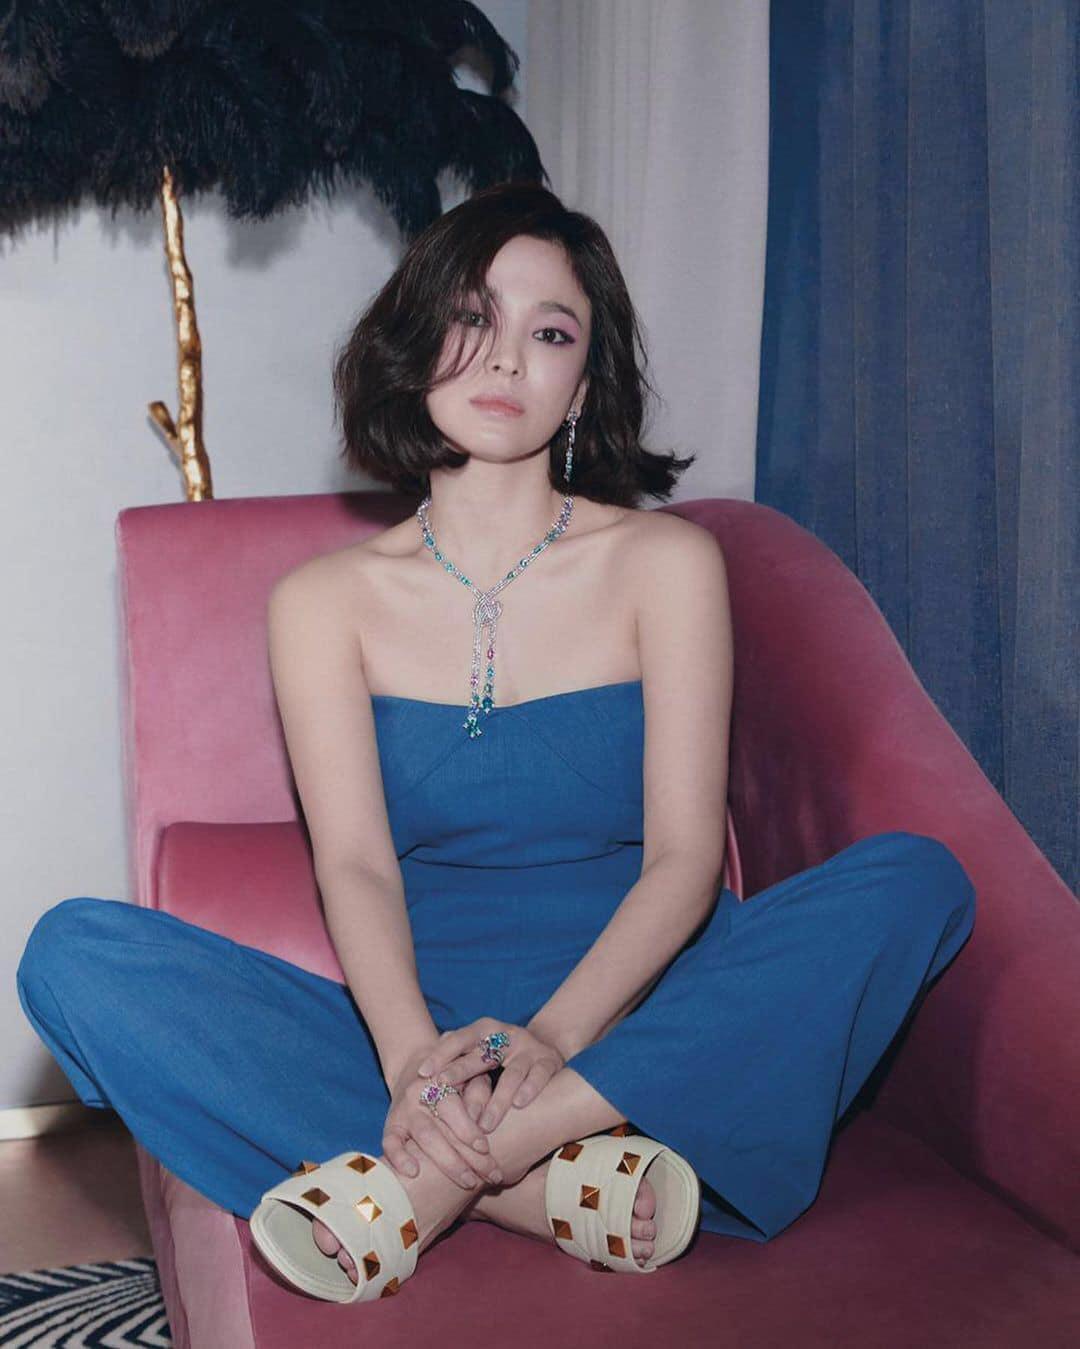 Bài phỏng vấn gây sốt của Song Hye Kyo: Lần đầu công khai nói về cuộc sống hậu ly hôn, dũng cảm nhắc tới tình yêu sau khi Song Joong Ki rời đi-7